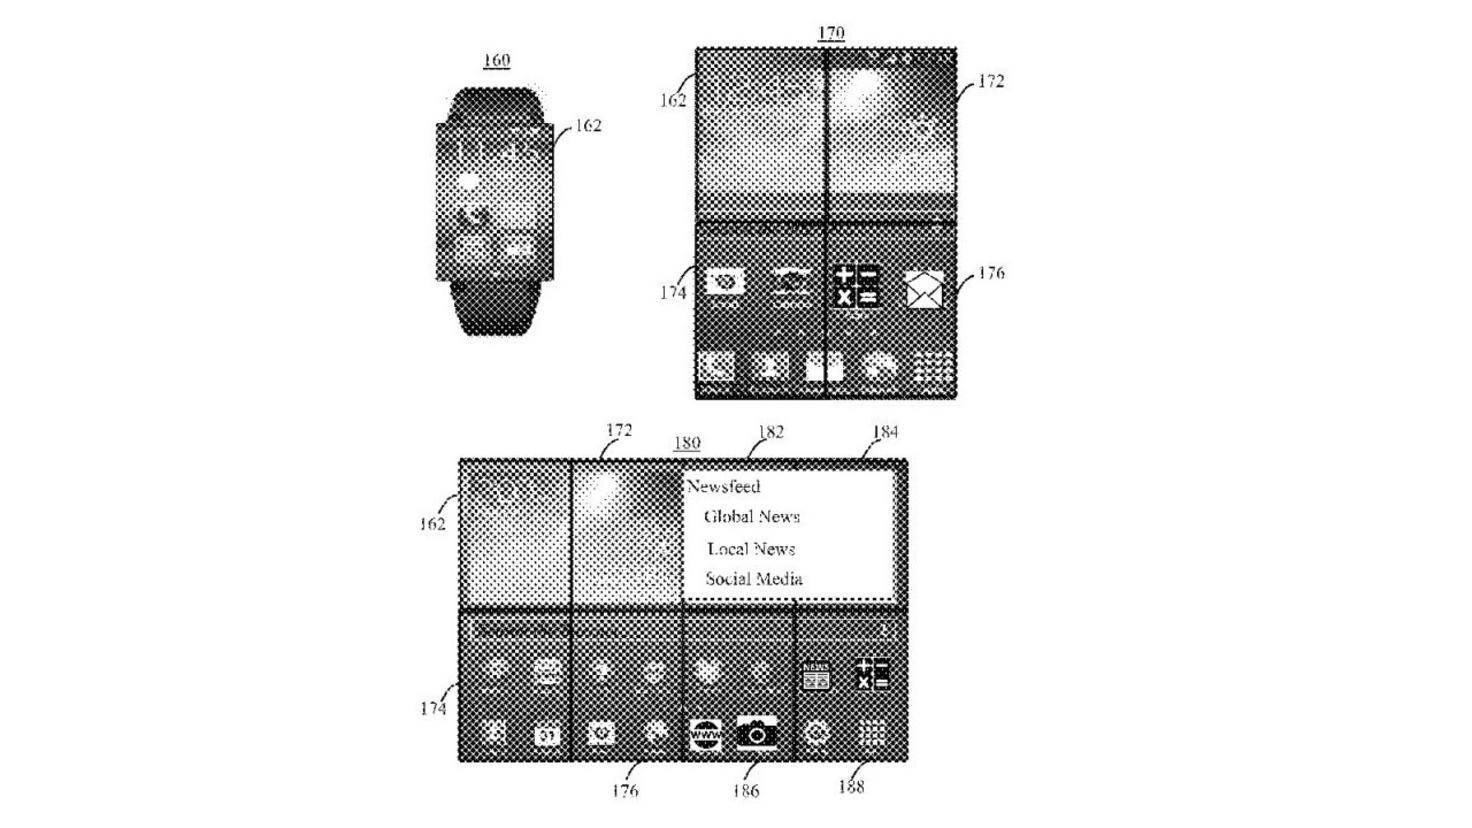 Auf Basis dieses Patents hat LetsGoDigital die Renderbilder erstellt.